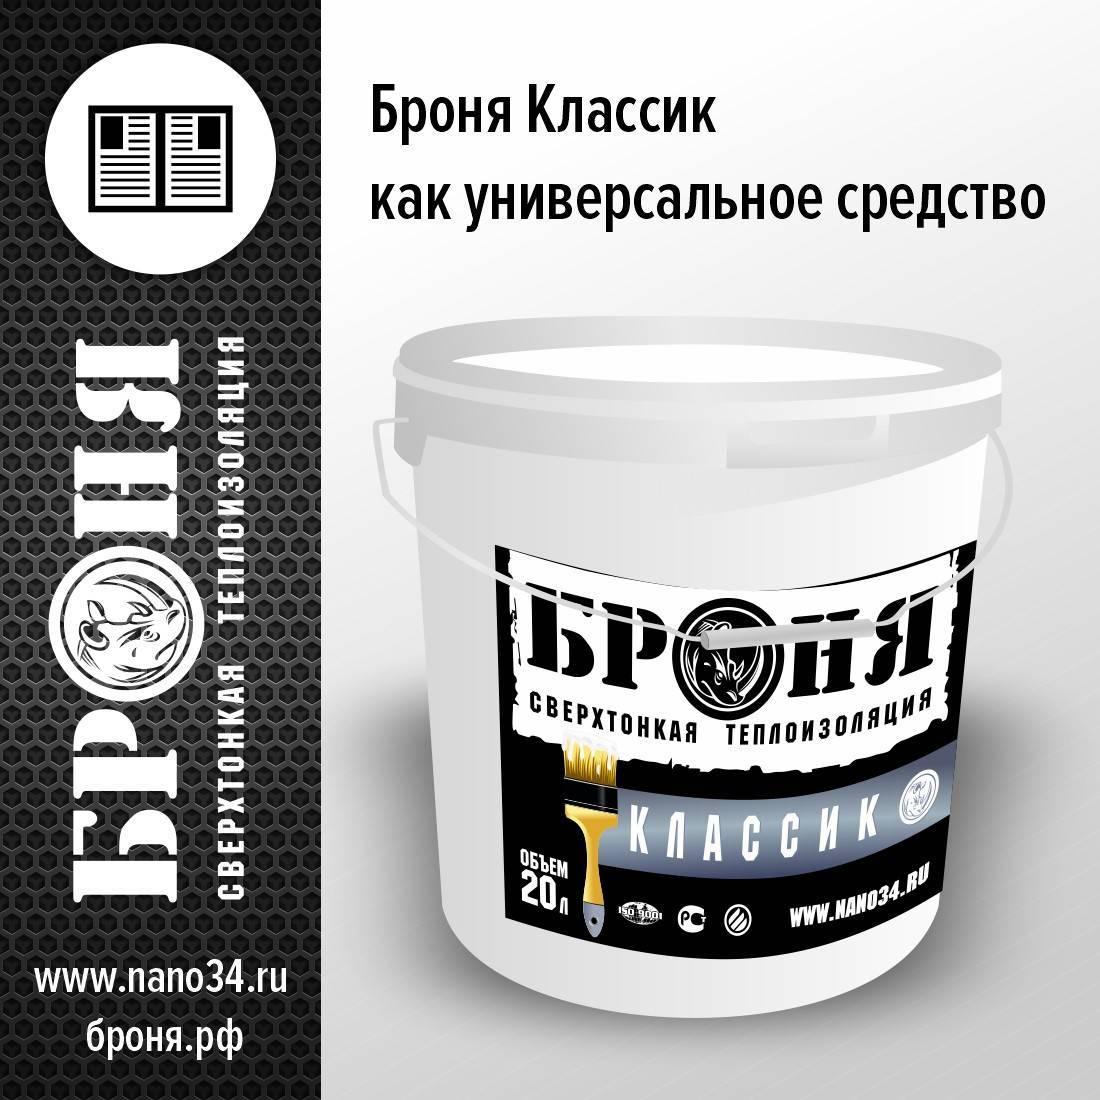 Инструкция жидкая теплоизоляция броня лайт - жидкая керамическая теплоизоляция броня